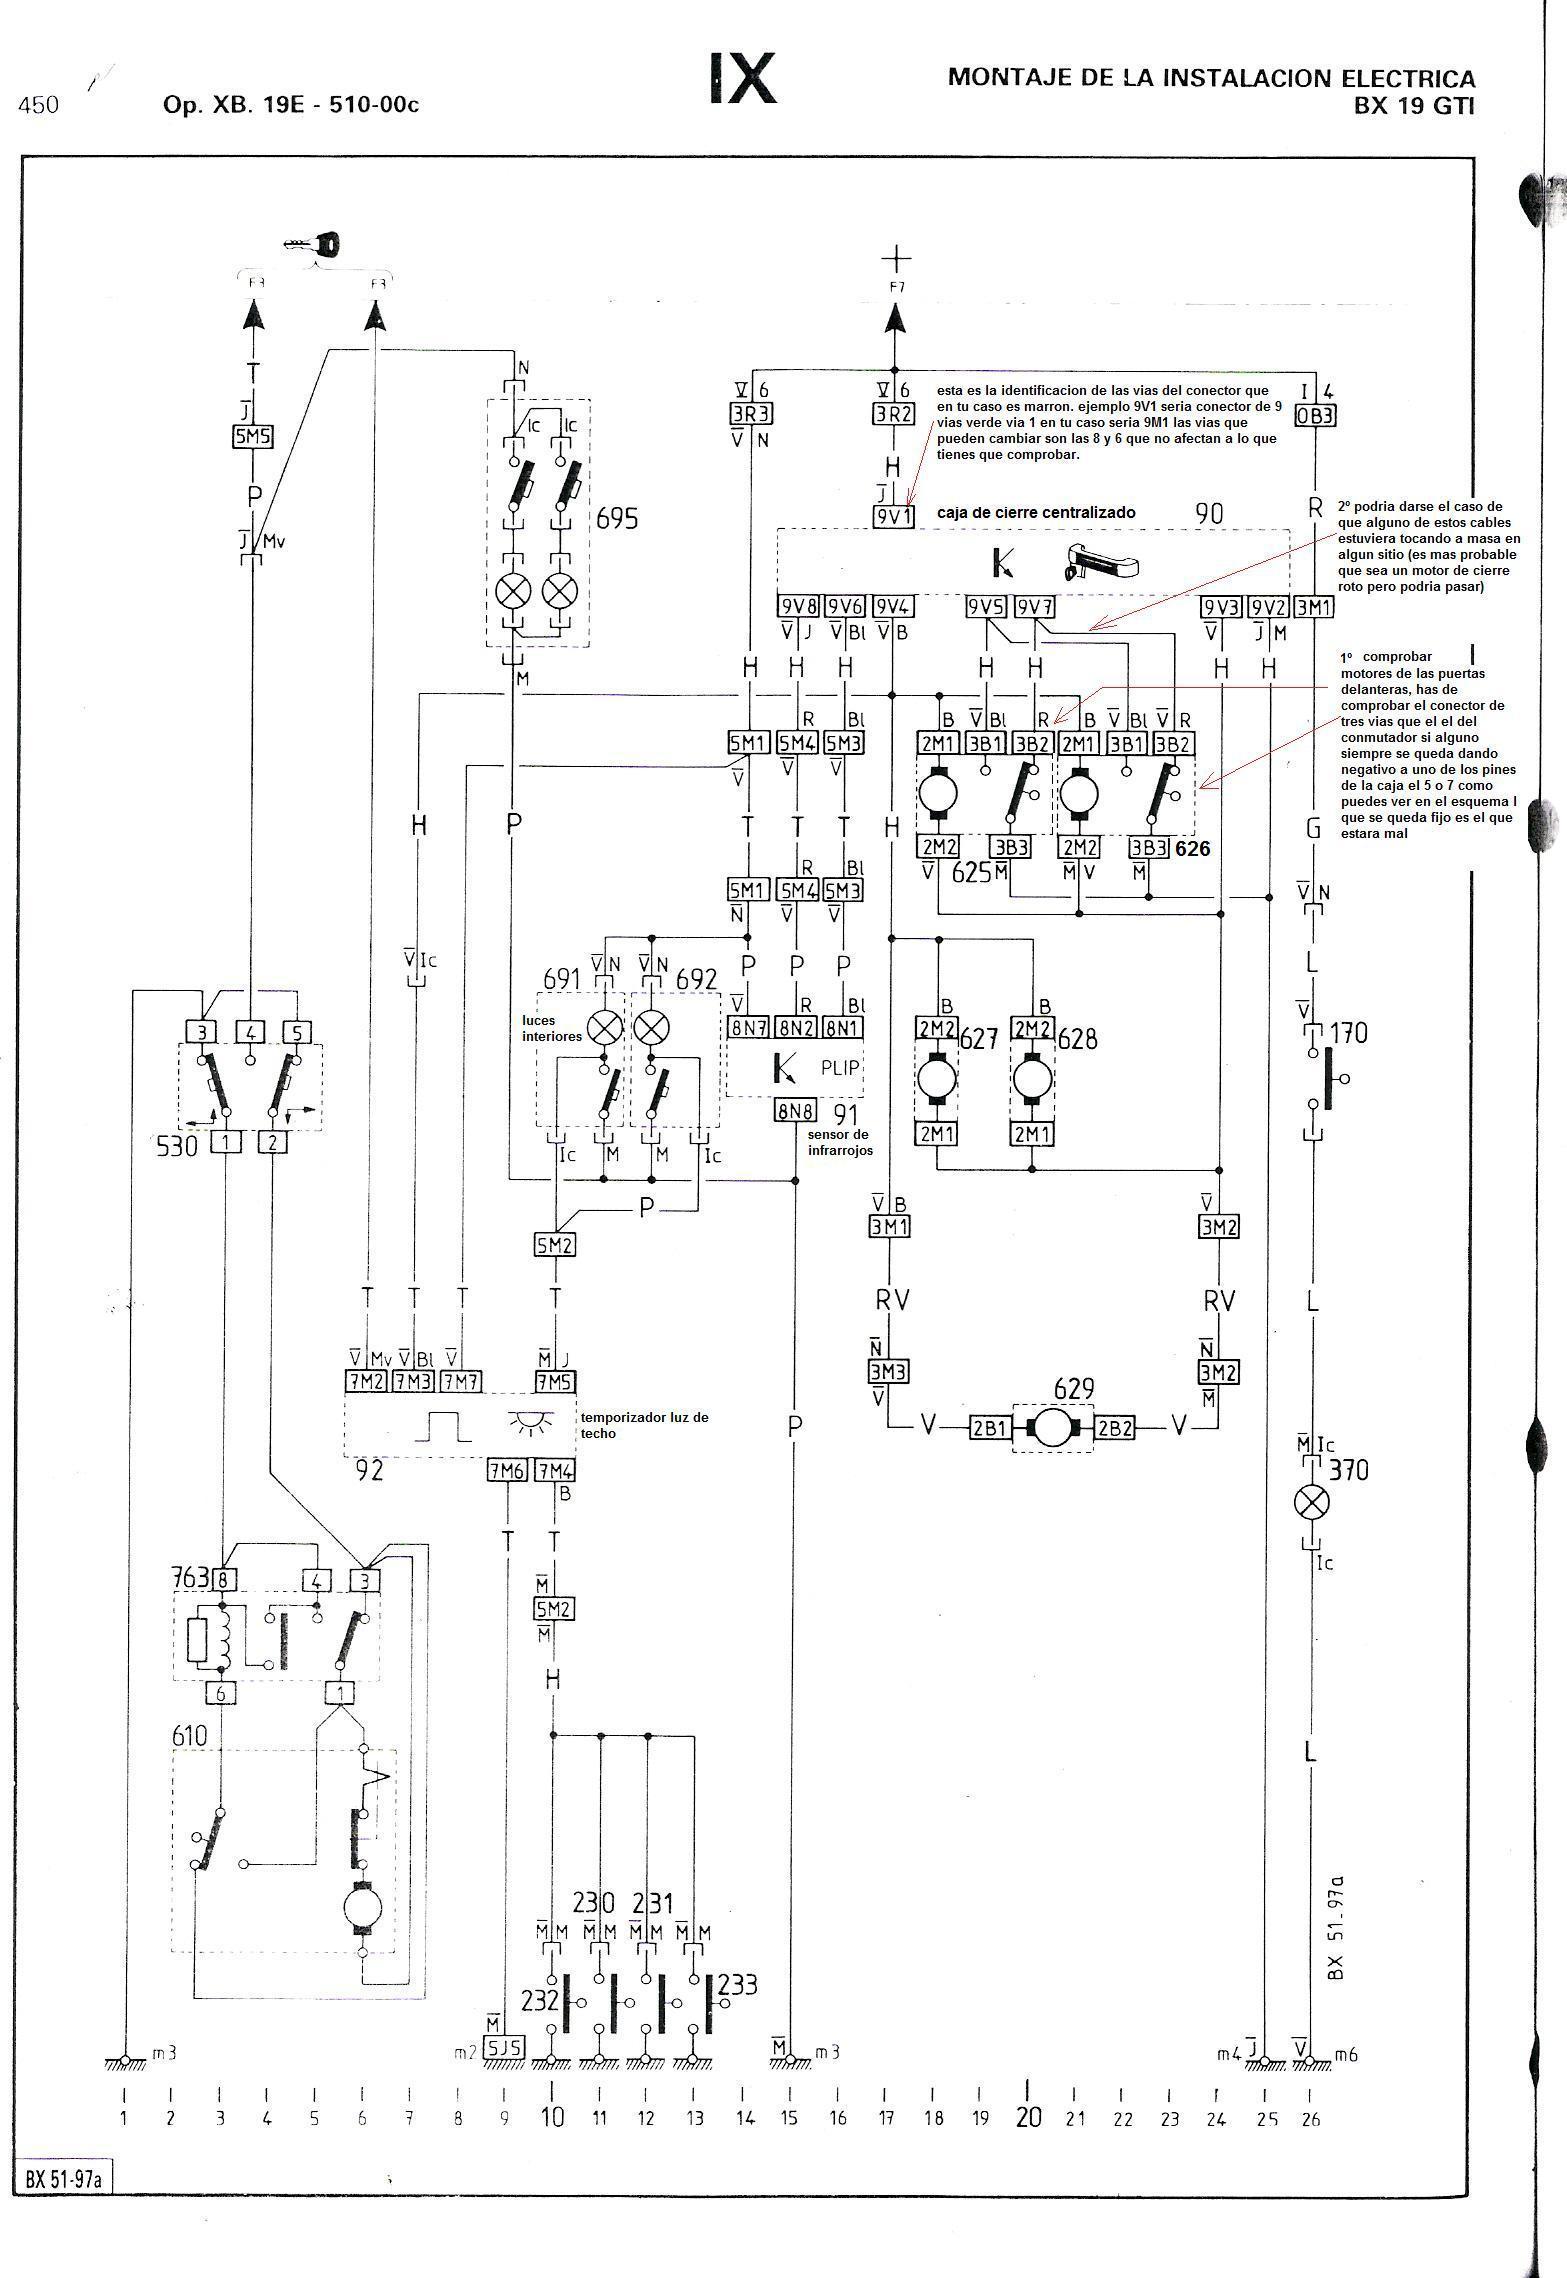 Autom U00f3viles Citroen Citroen Bx Cierre Centralizado A